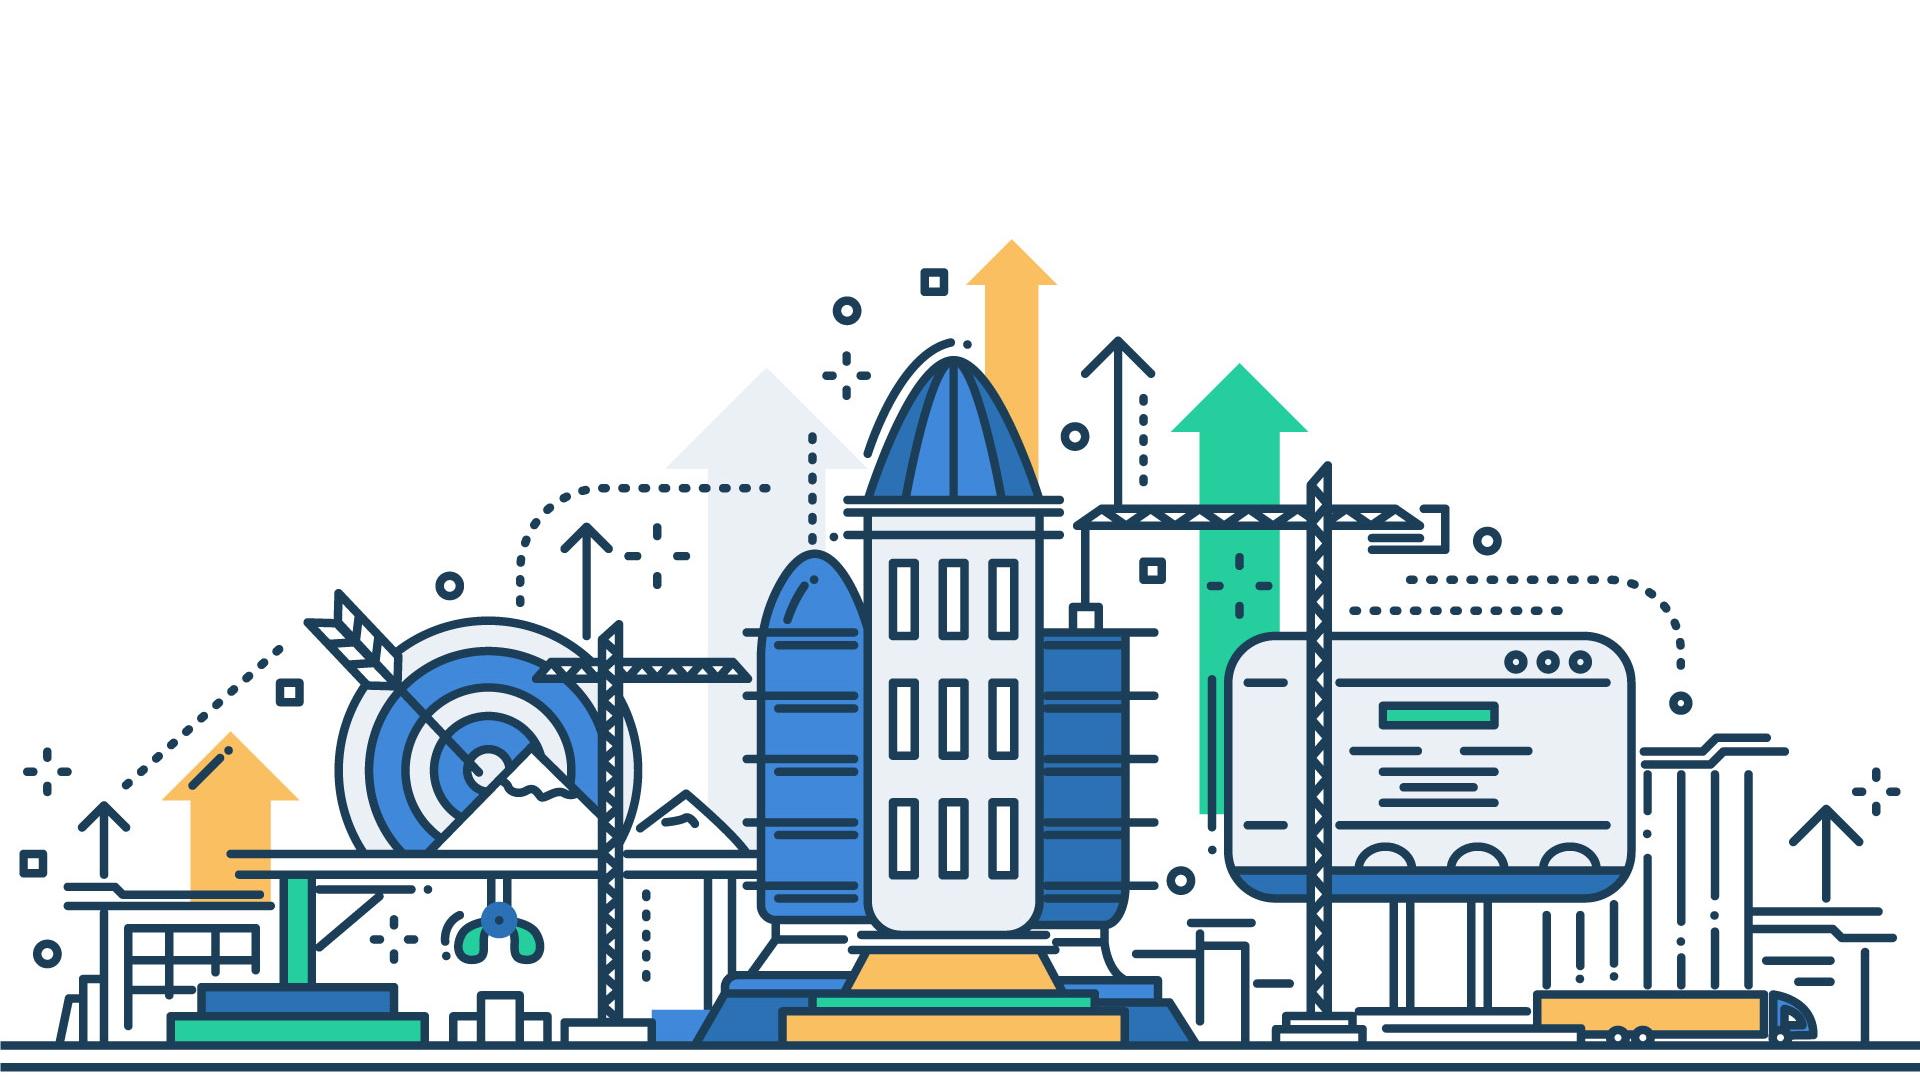 17-moyens-pour-augmenter-la-vitesse-et-les-conversions-des-sites-web-en-2020